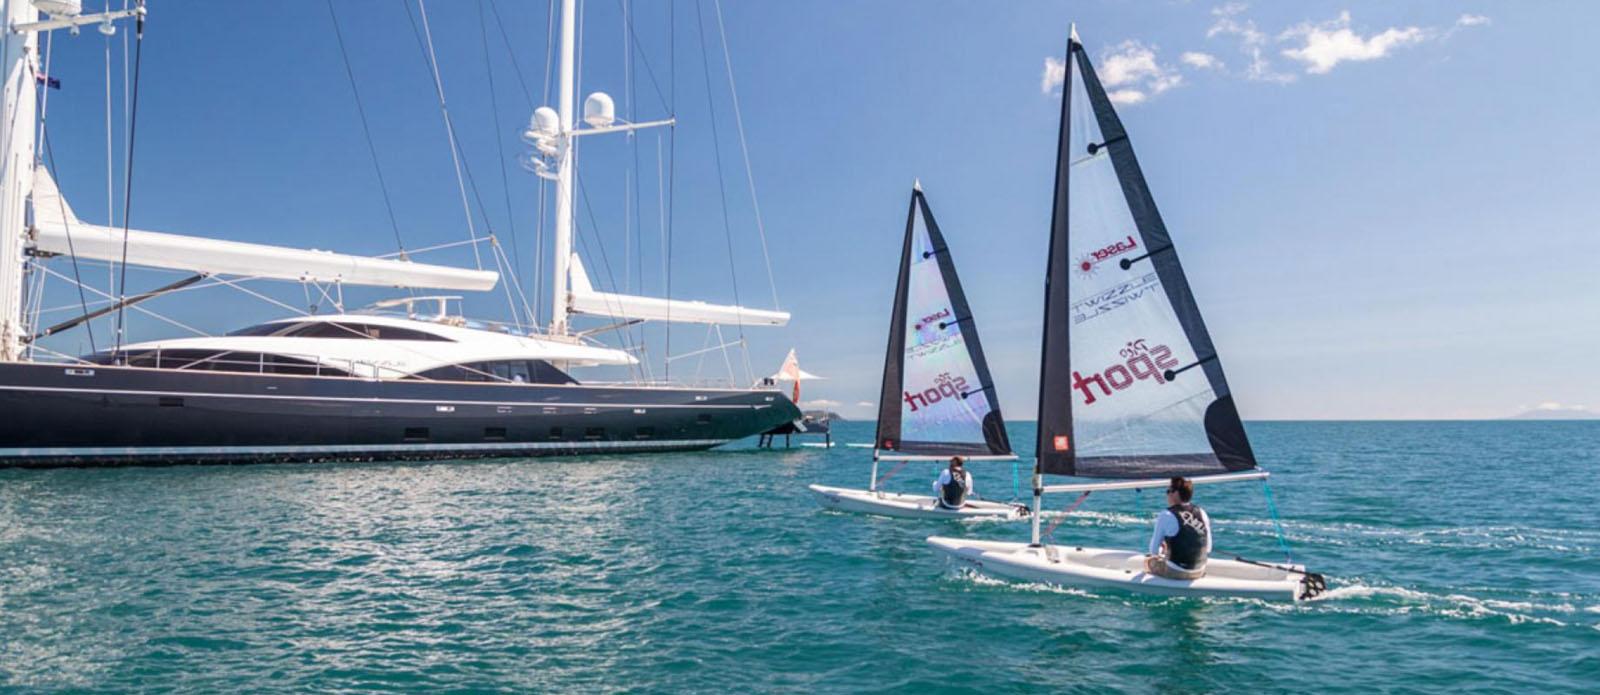 Twizzle -Sailing